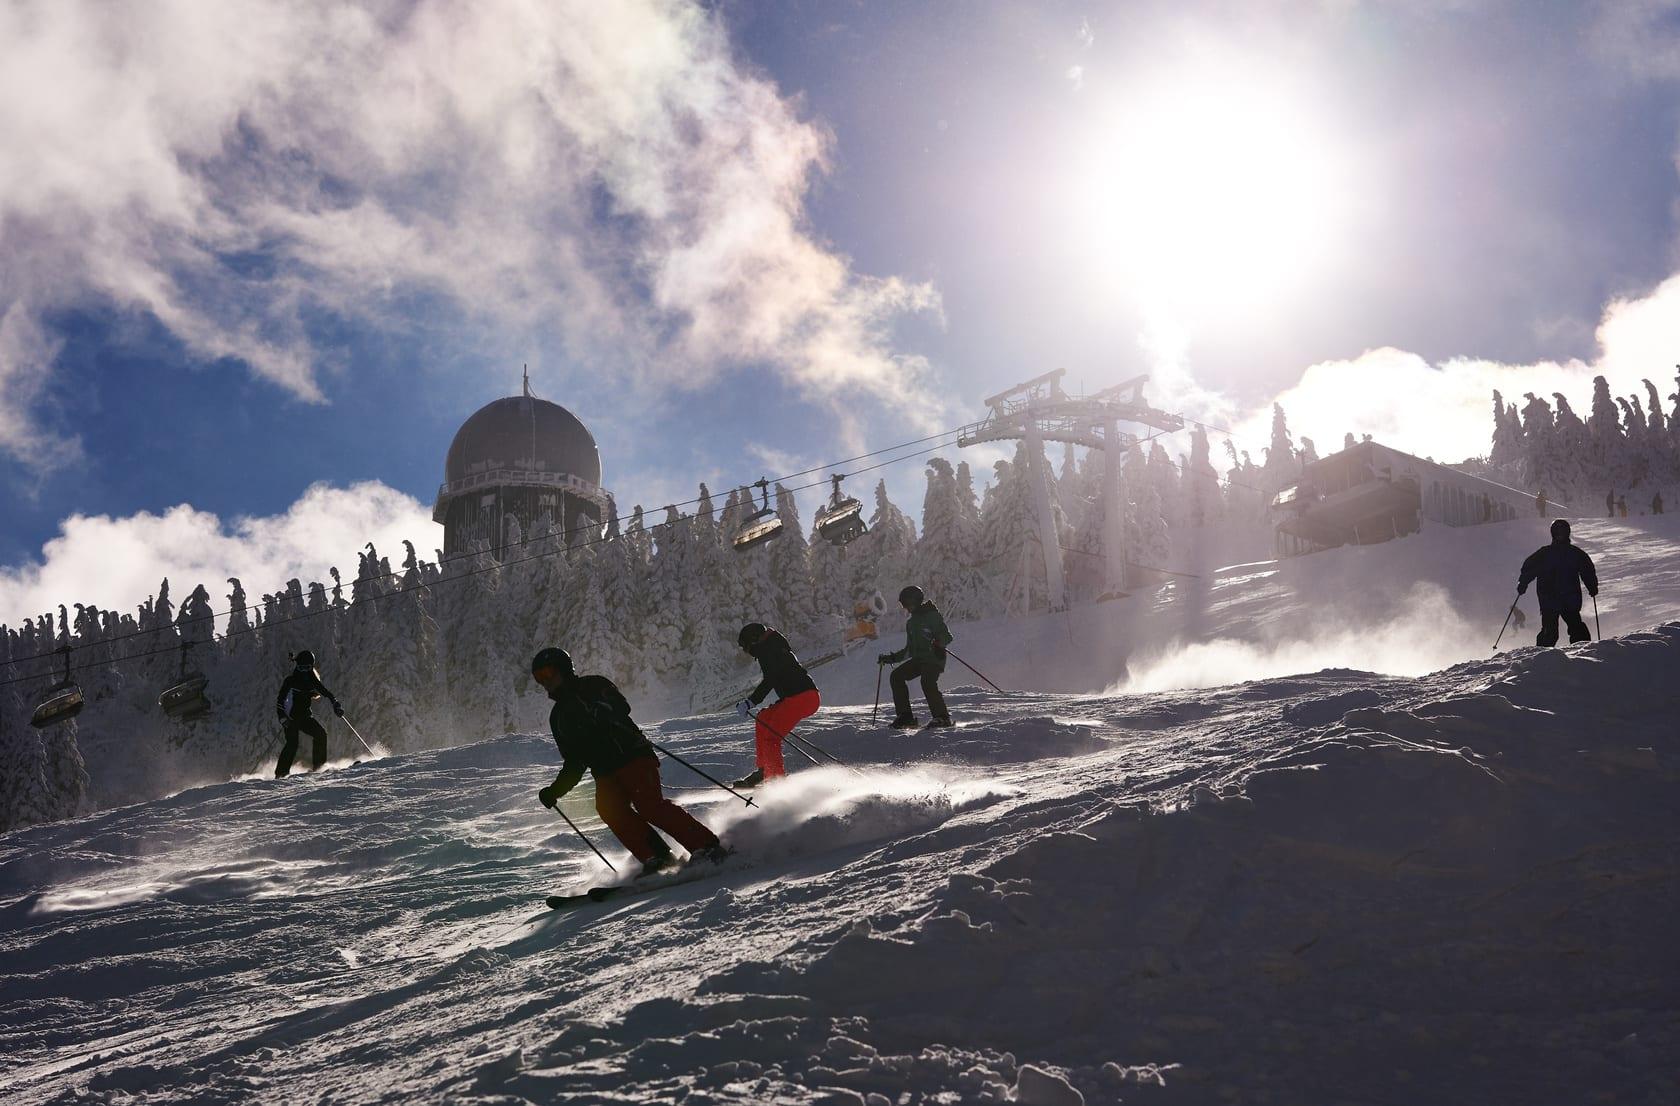 Skifahren In Bodenmais Snowboarden Skigebiete Winterurlaub